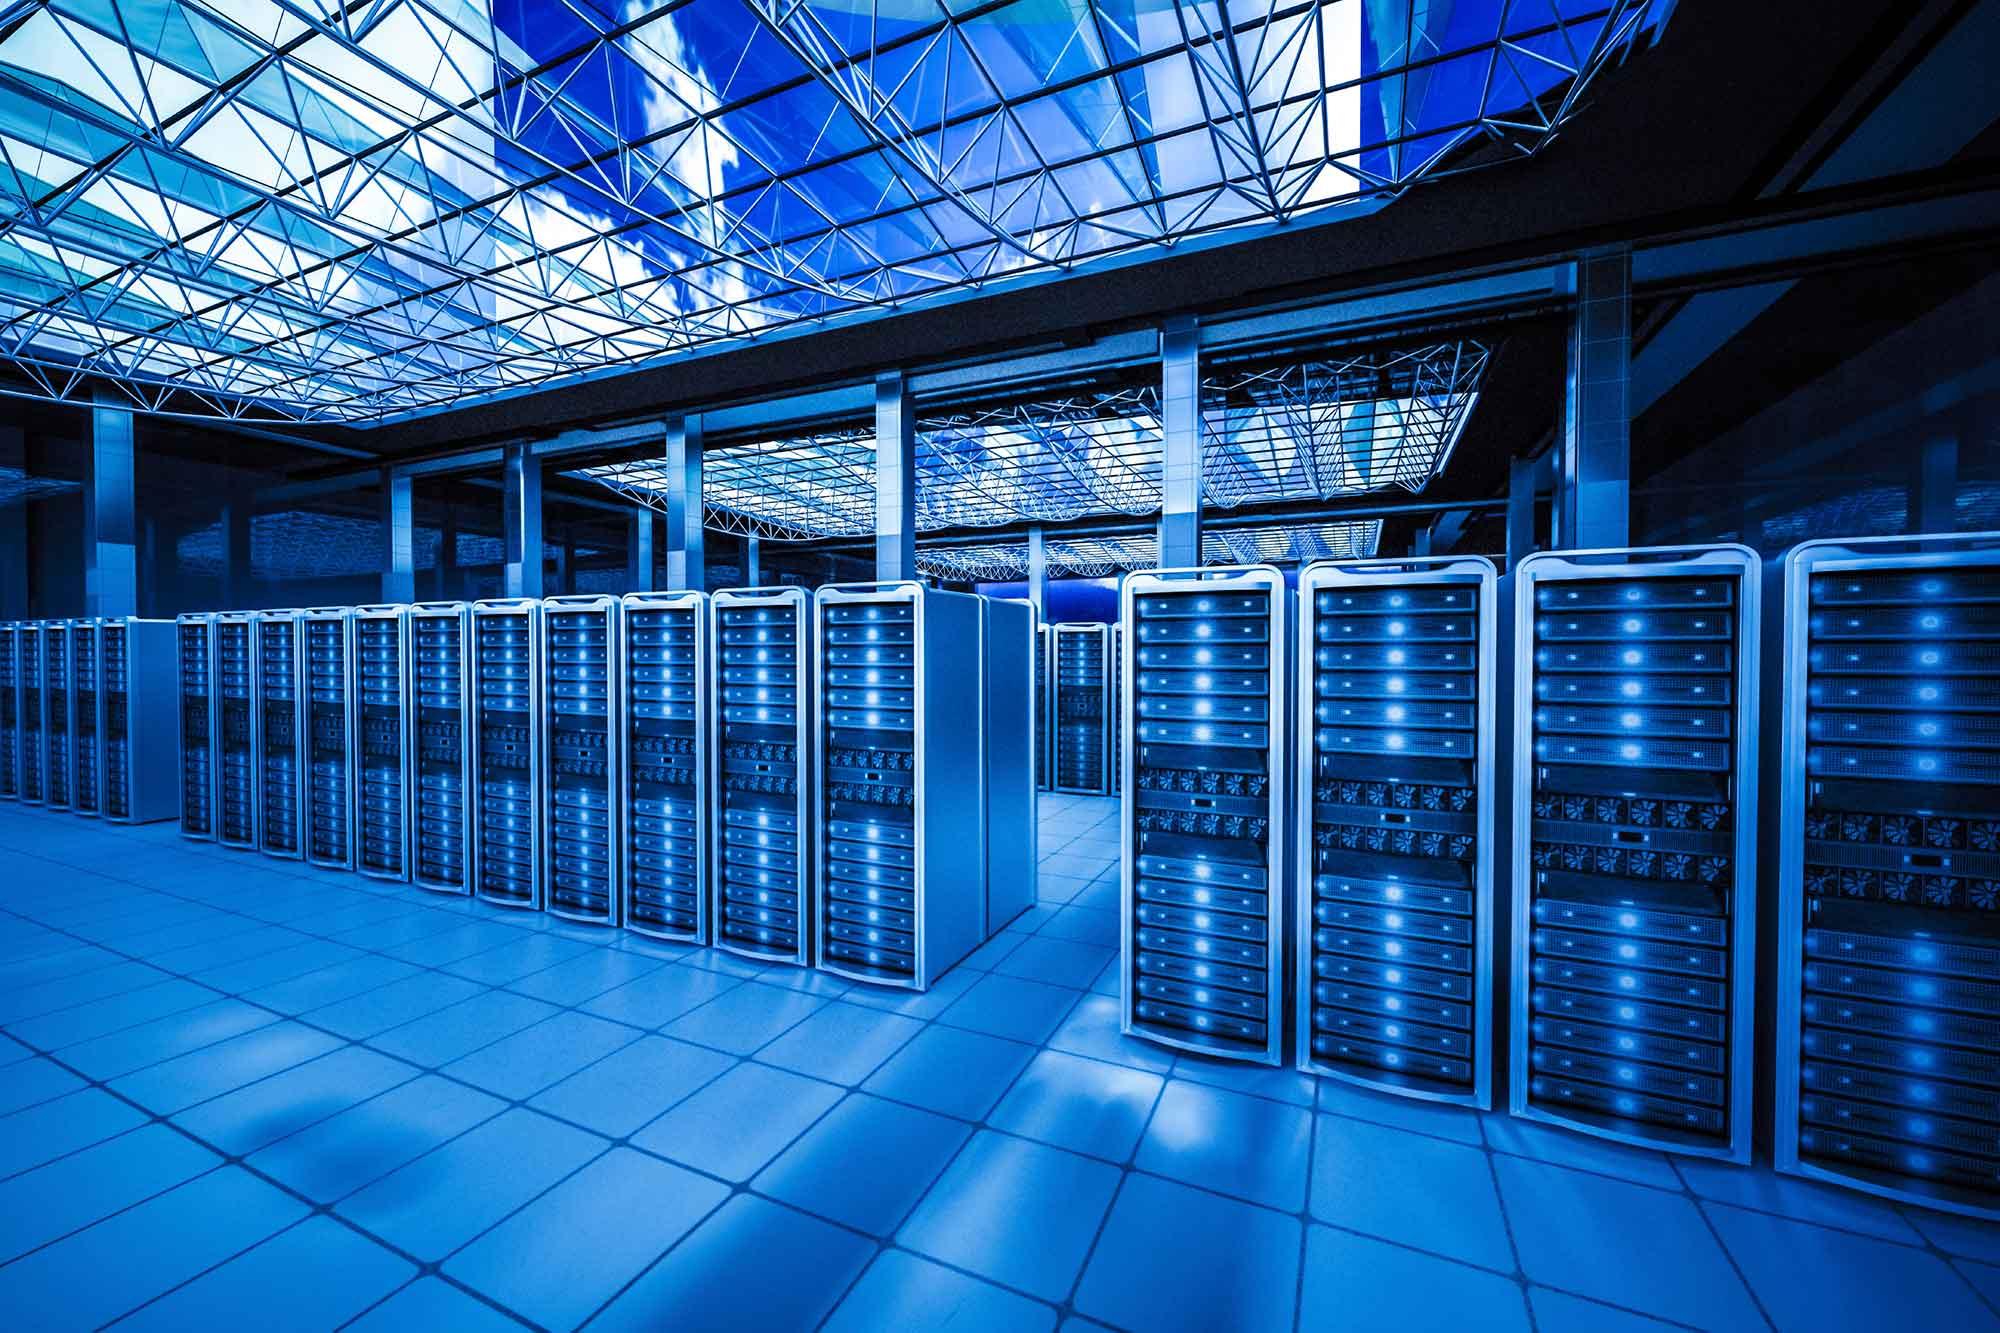 LGPD - Lei Geral de Proteção de Dados do Brasil